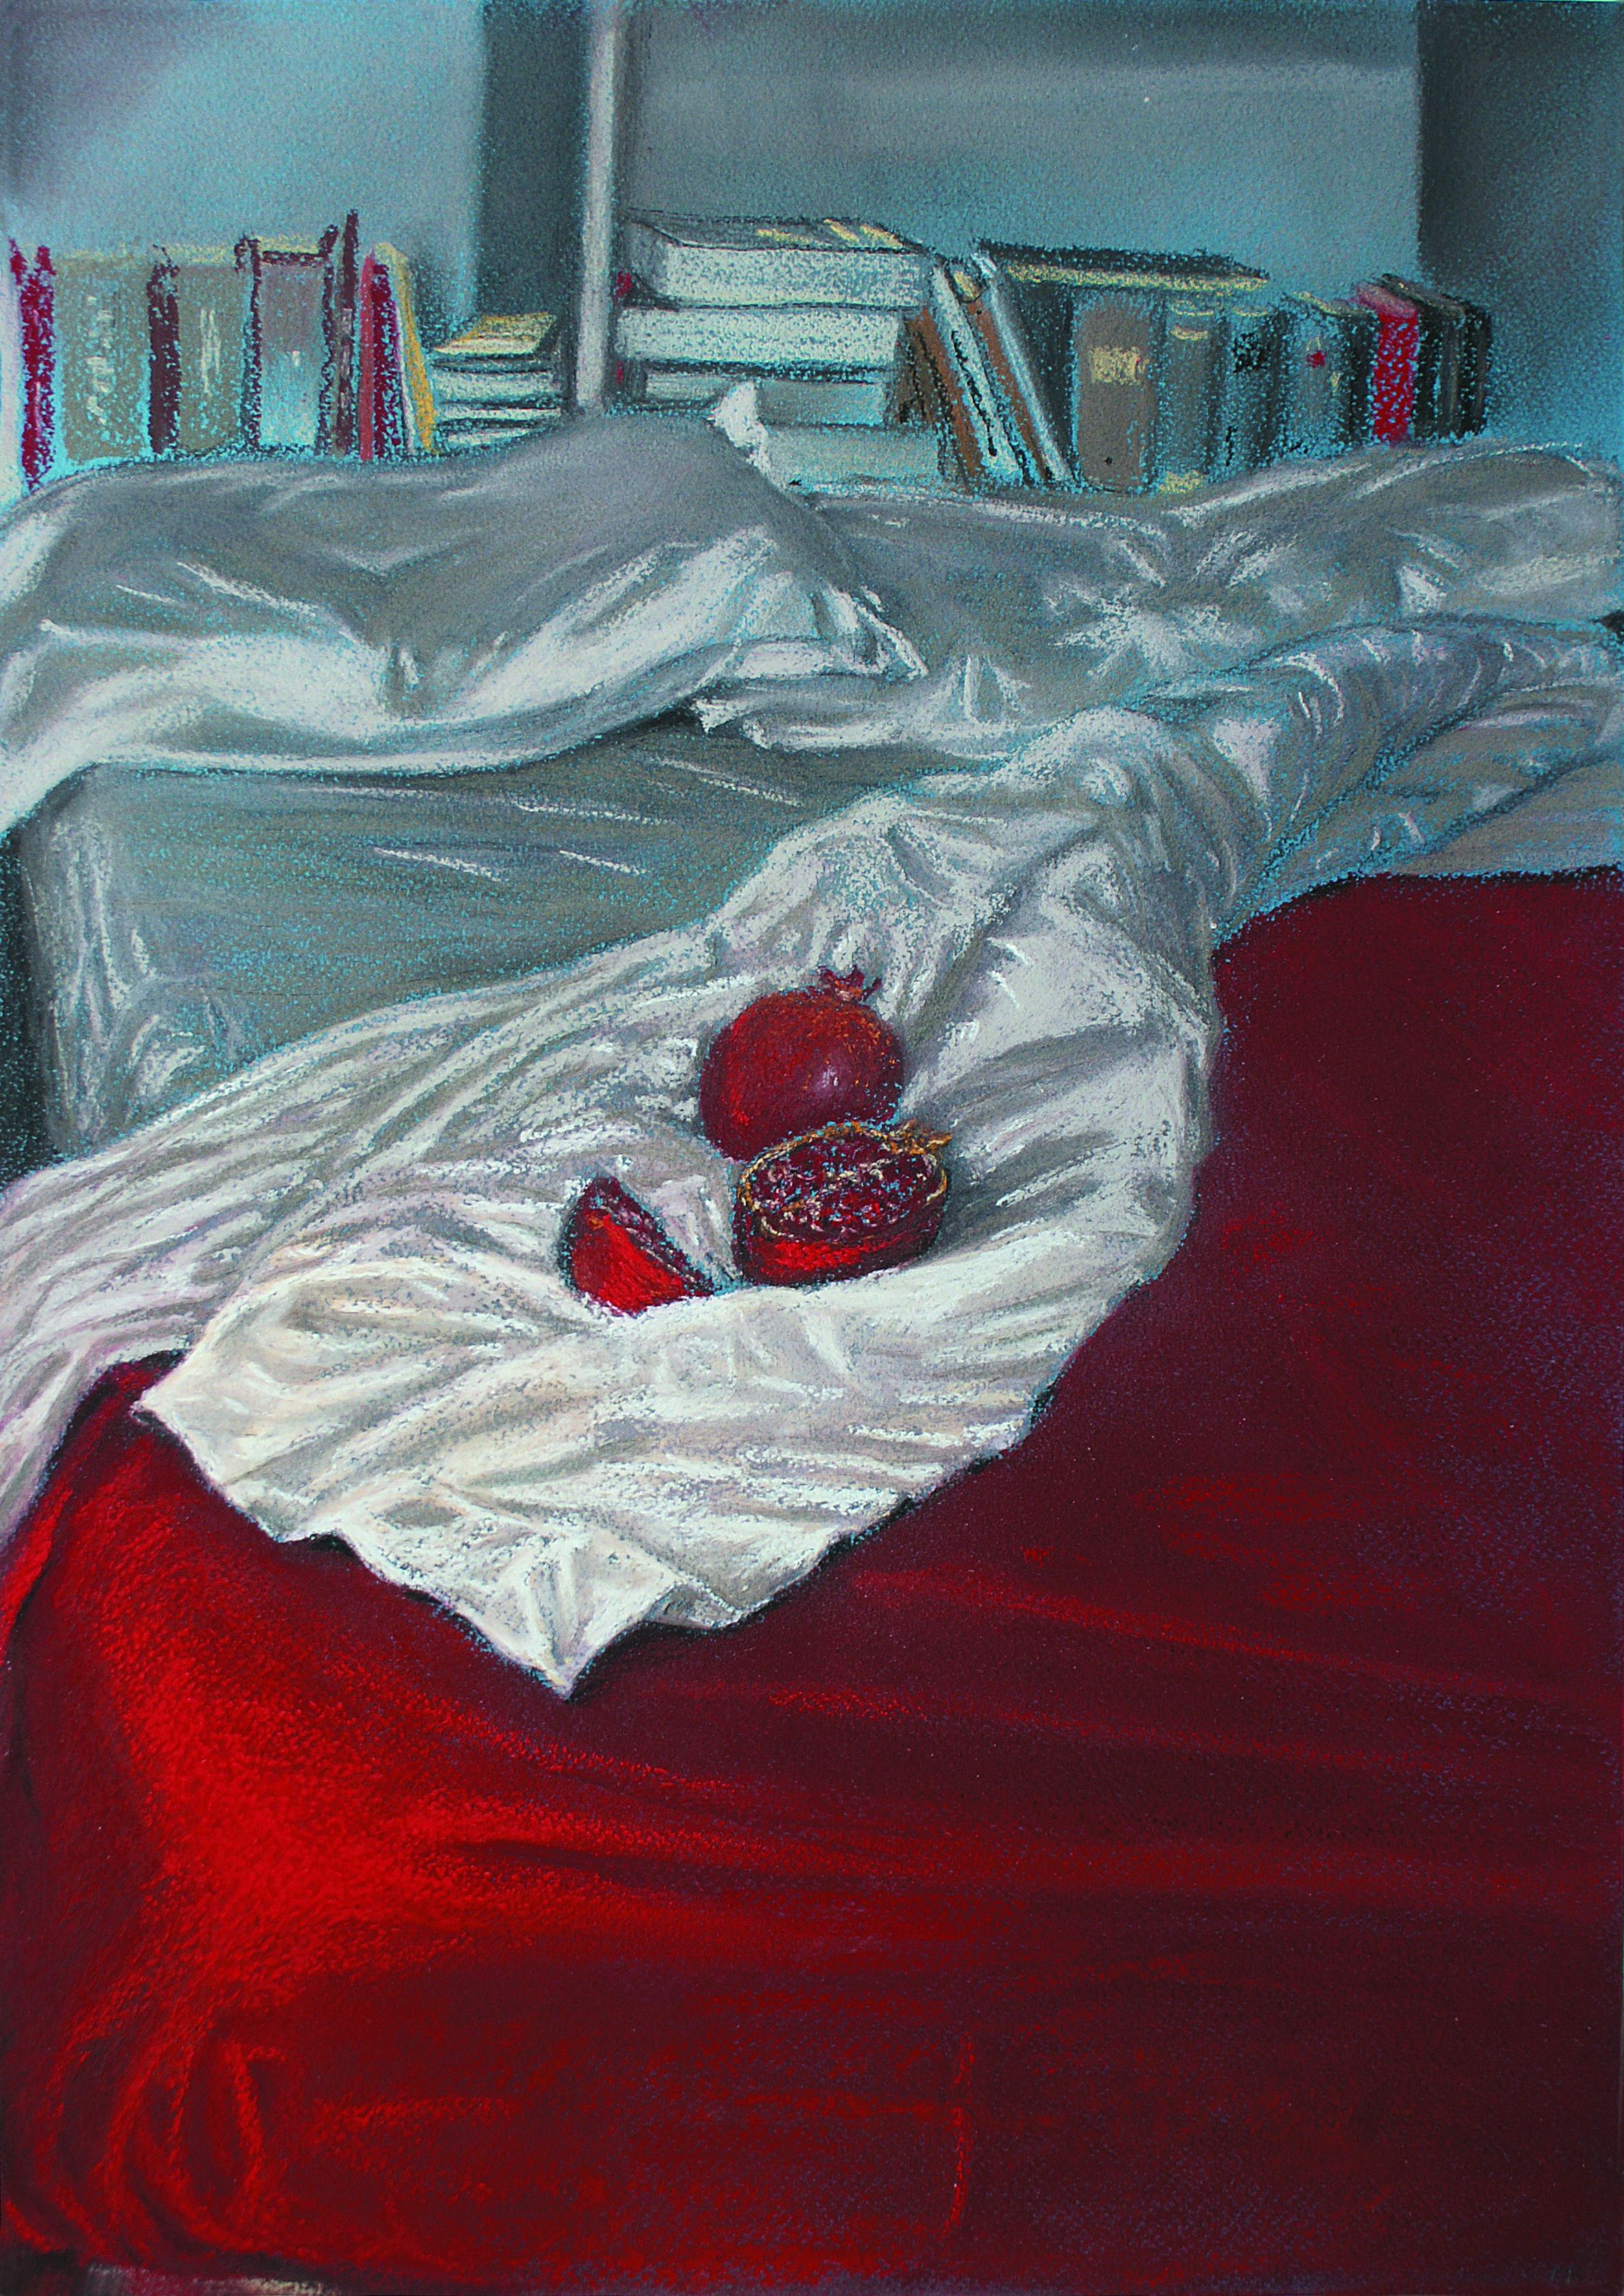 B 16) Letto , 2010, pastello su carta Ingres, cm 50 x 35